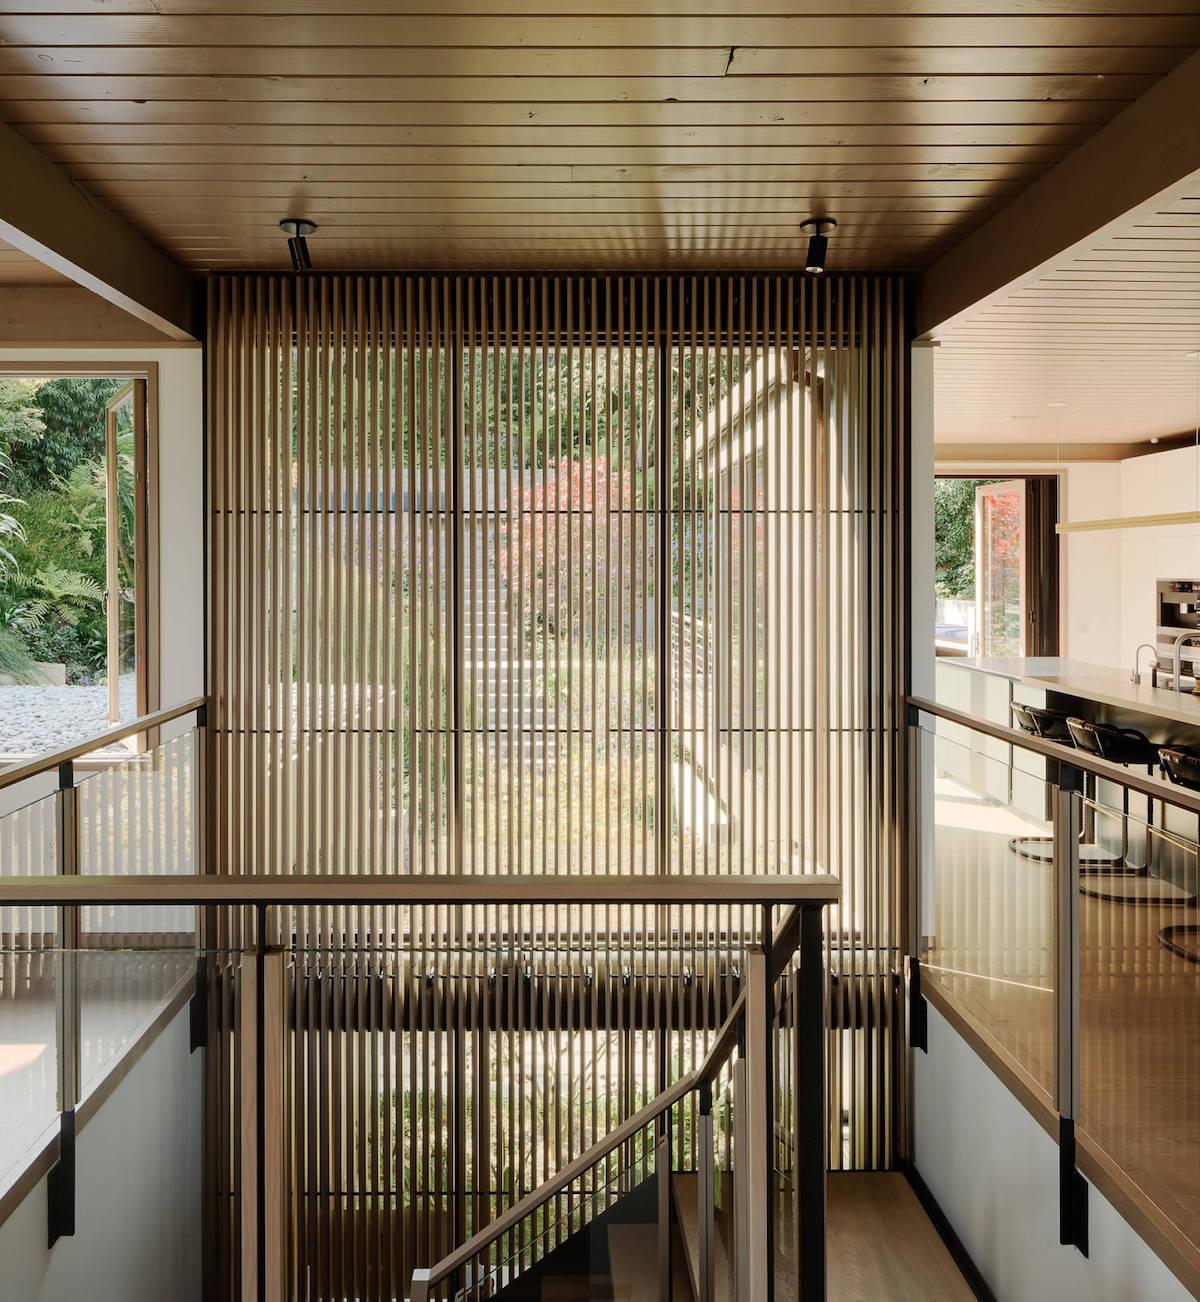 escalier bois cuisine ouverte chaise haute ronde noir - blog déco - clem around the corner